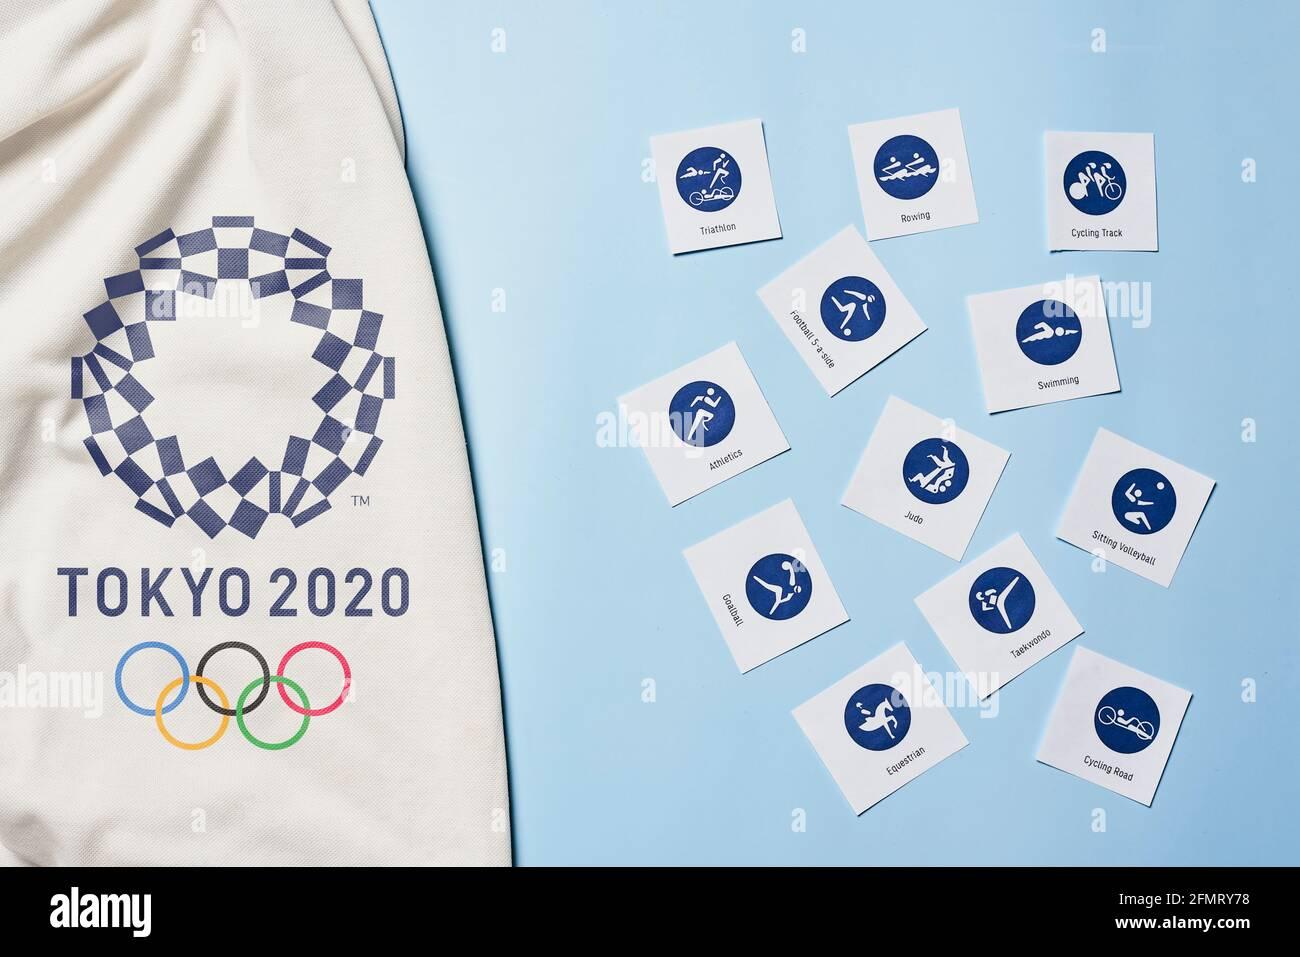 Taschkent Usbekistan 4 Marz 2021 2020 Ein Handtuch Mit Dem Logo Der Olympischen Spiele Tokio 2020 Und Piktogrammen Mit Sport Ikonen Stockfotografie Alamy